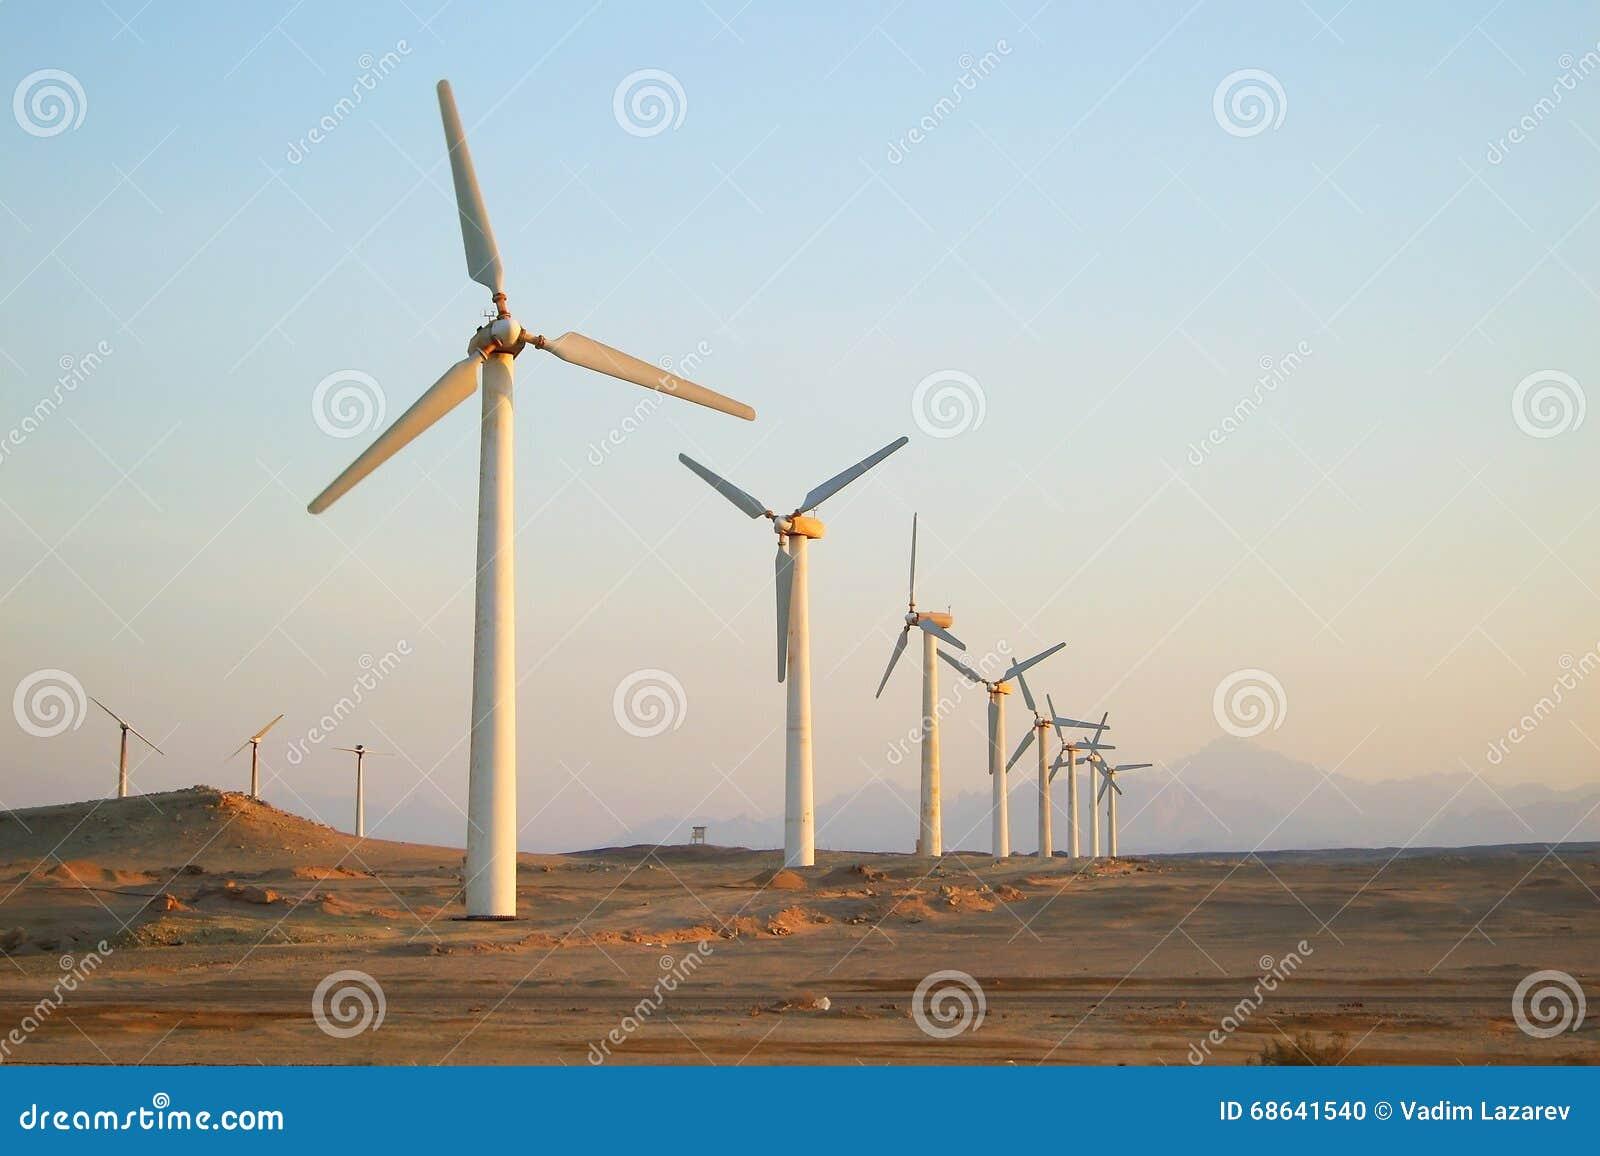 Turnbines wind